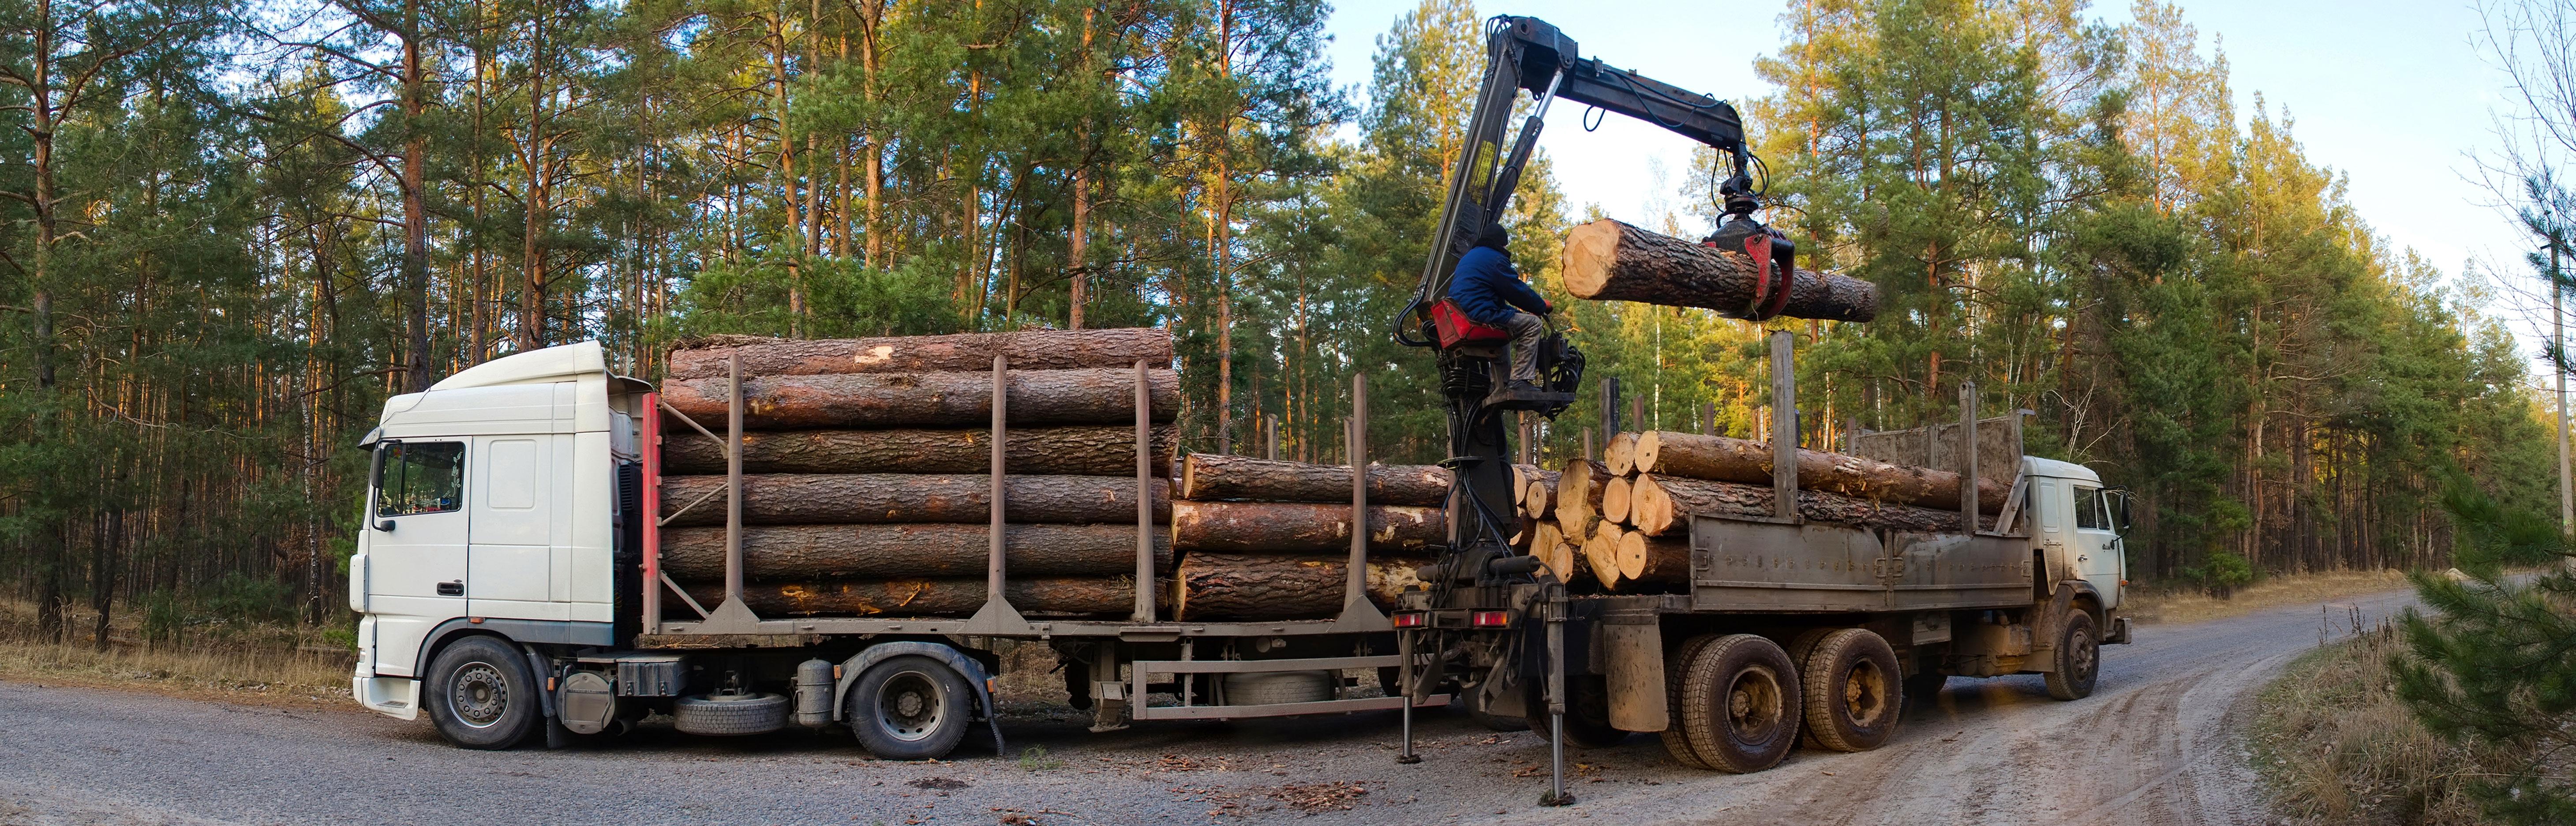 materiel forestier bourgoin jallieu